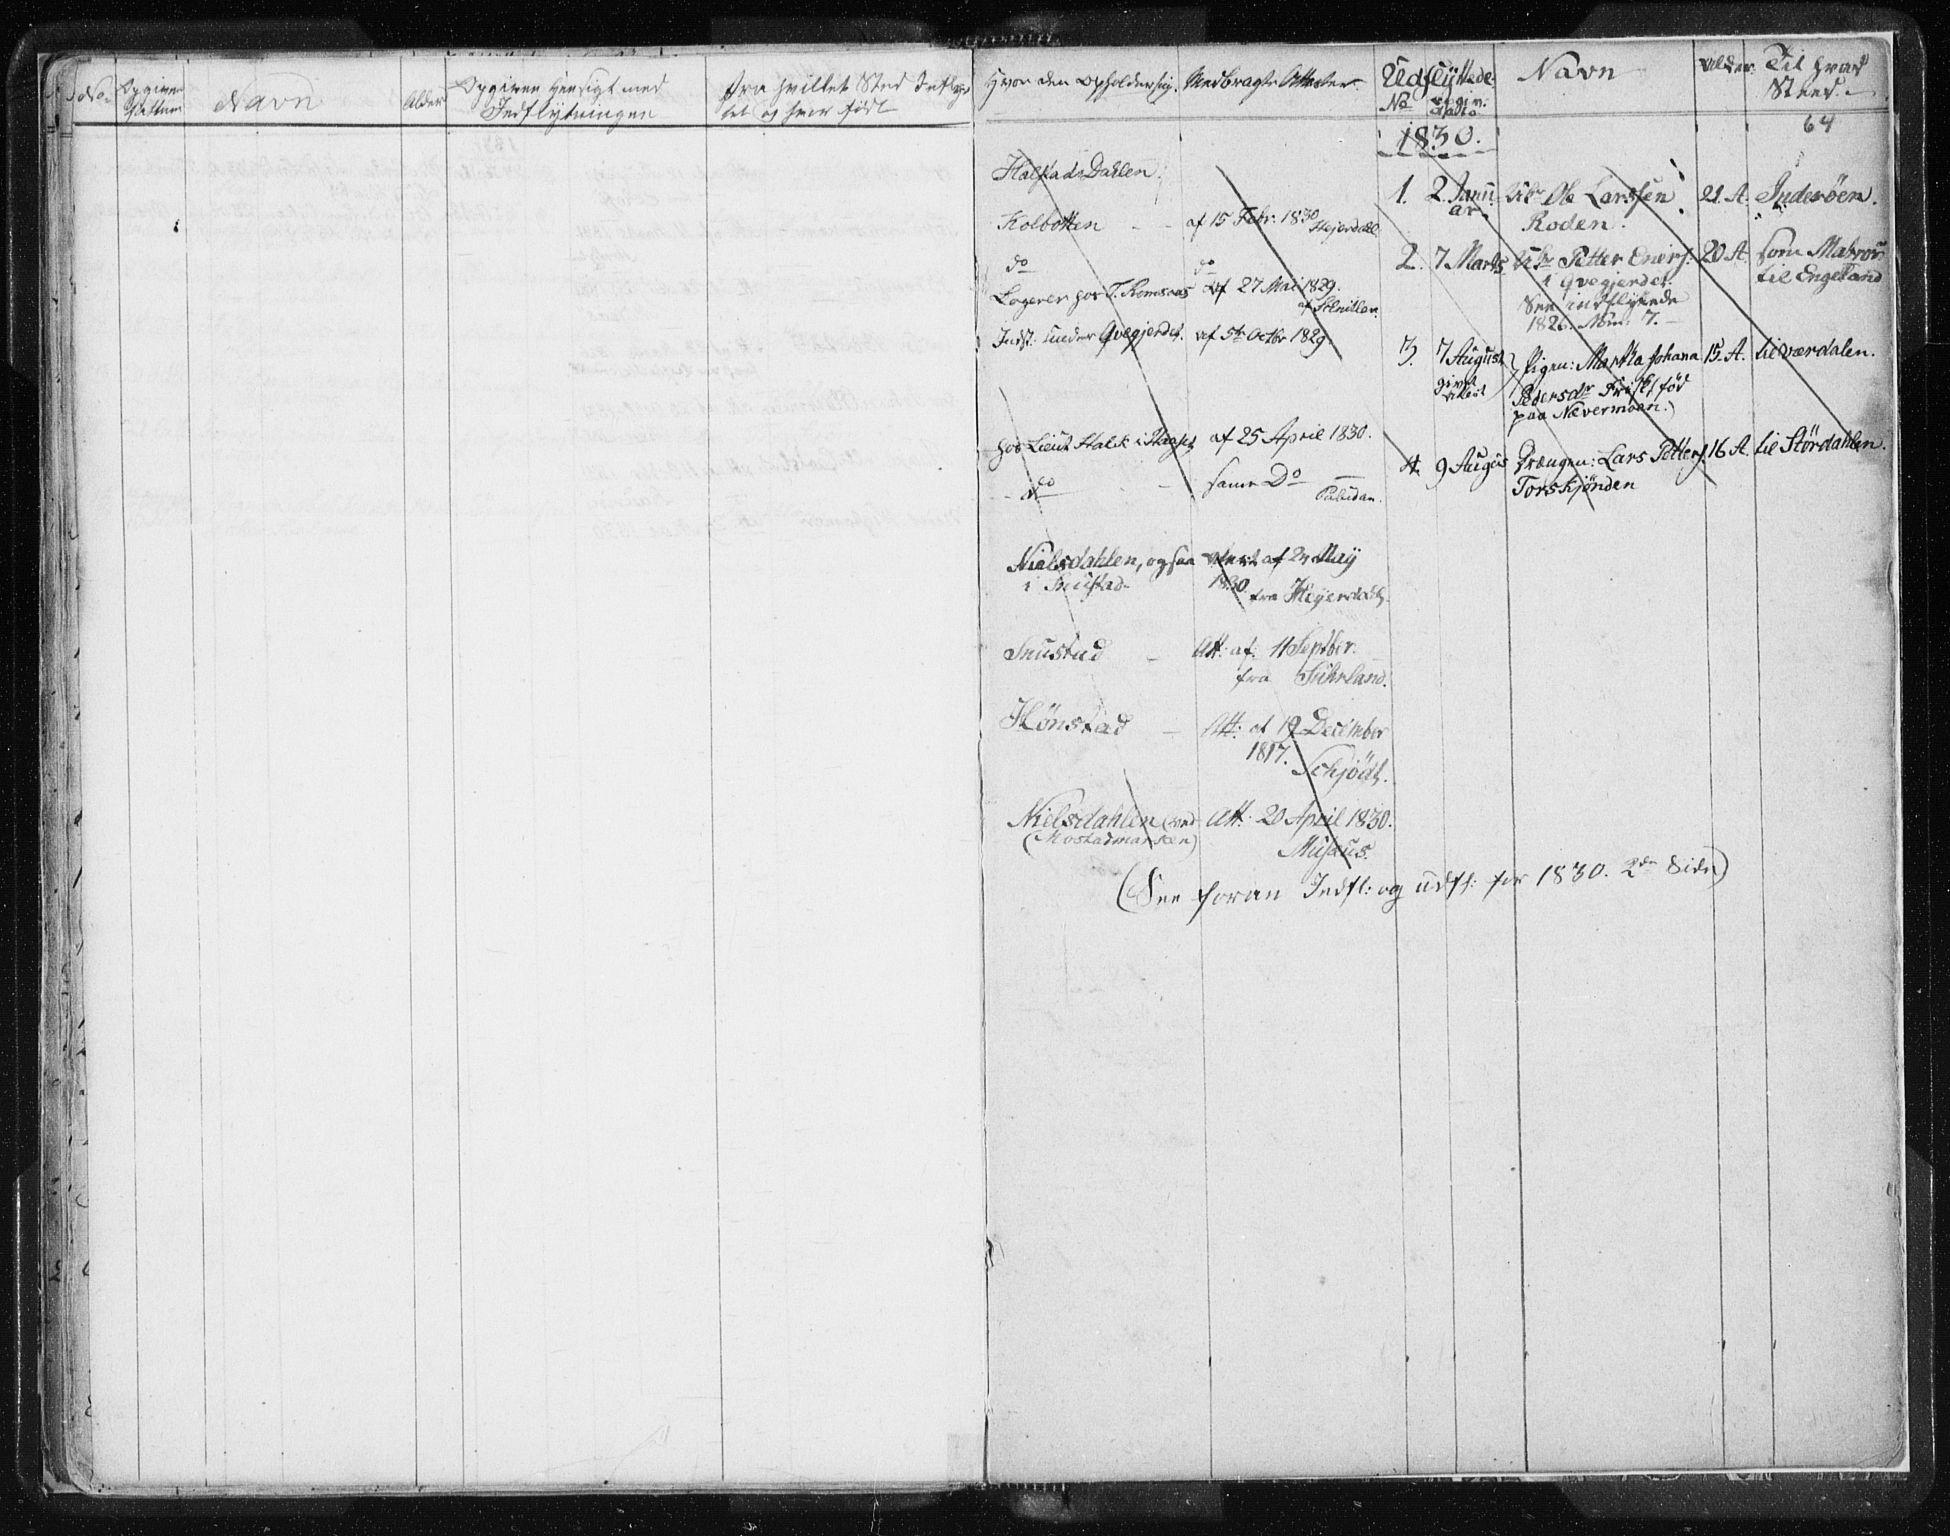 SAT, Ministerialprotokoller, klokkerbøker og fødselsregistre - Sør-Trøndelag, 616/L0404: Ministerialbok nr. 616A01, 1823-1831, s. 64